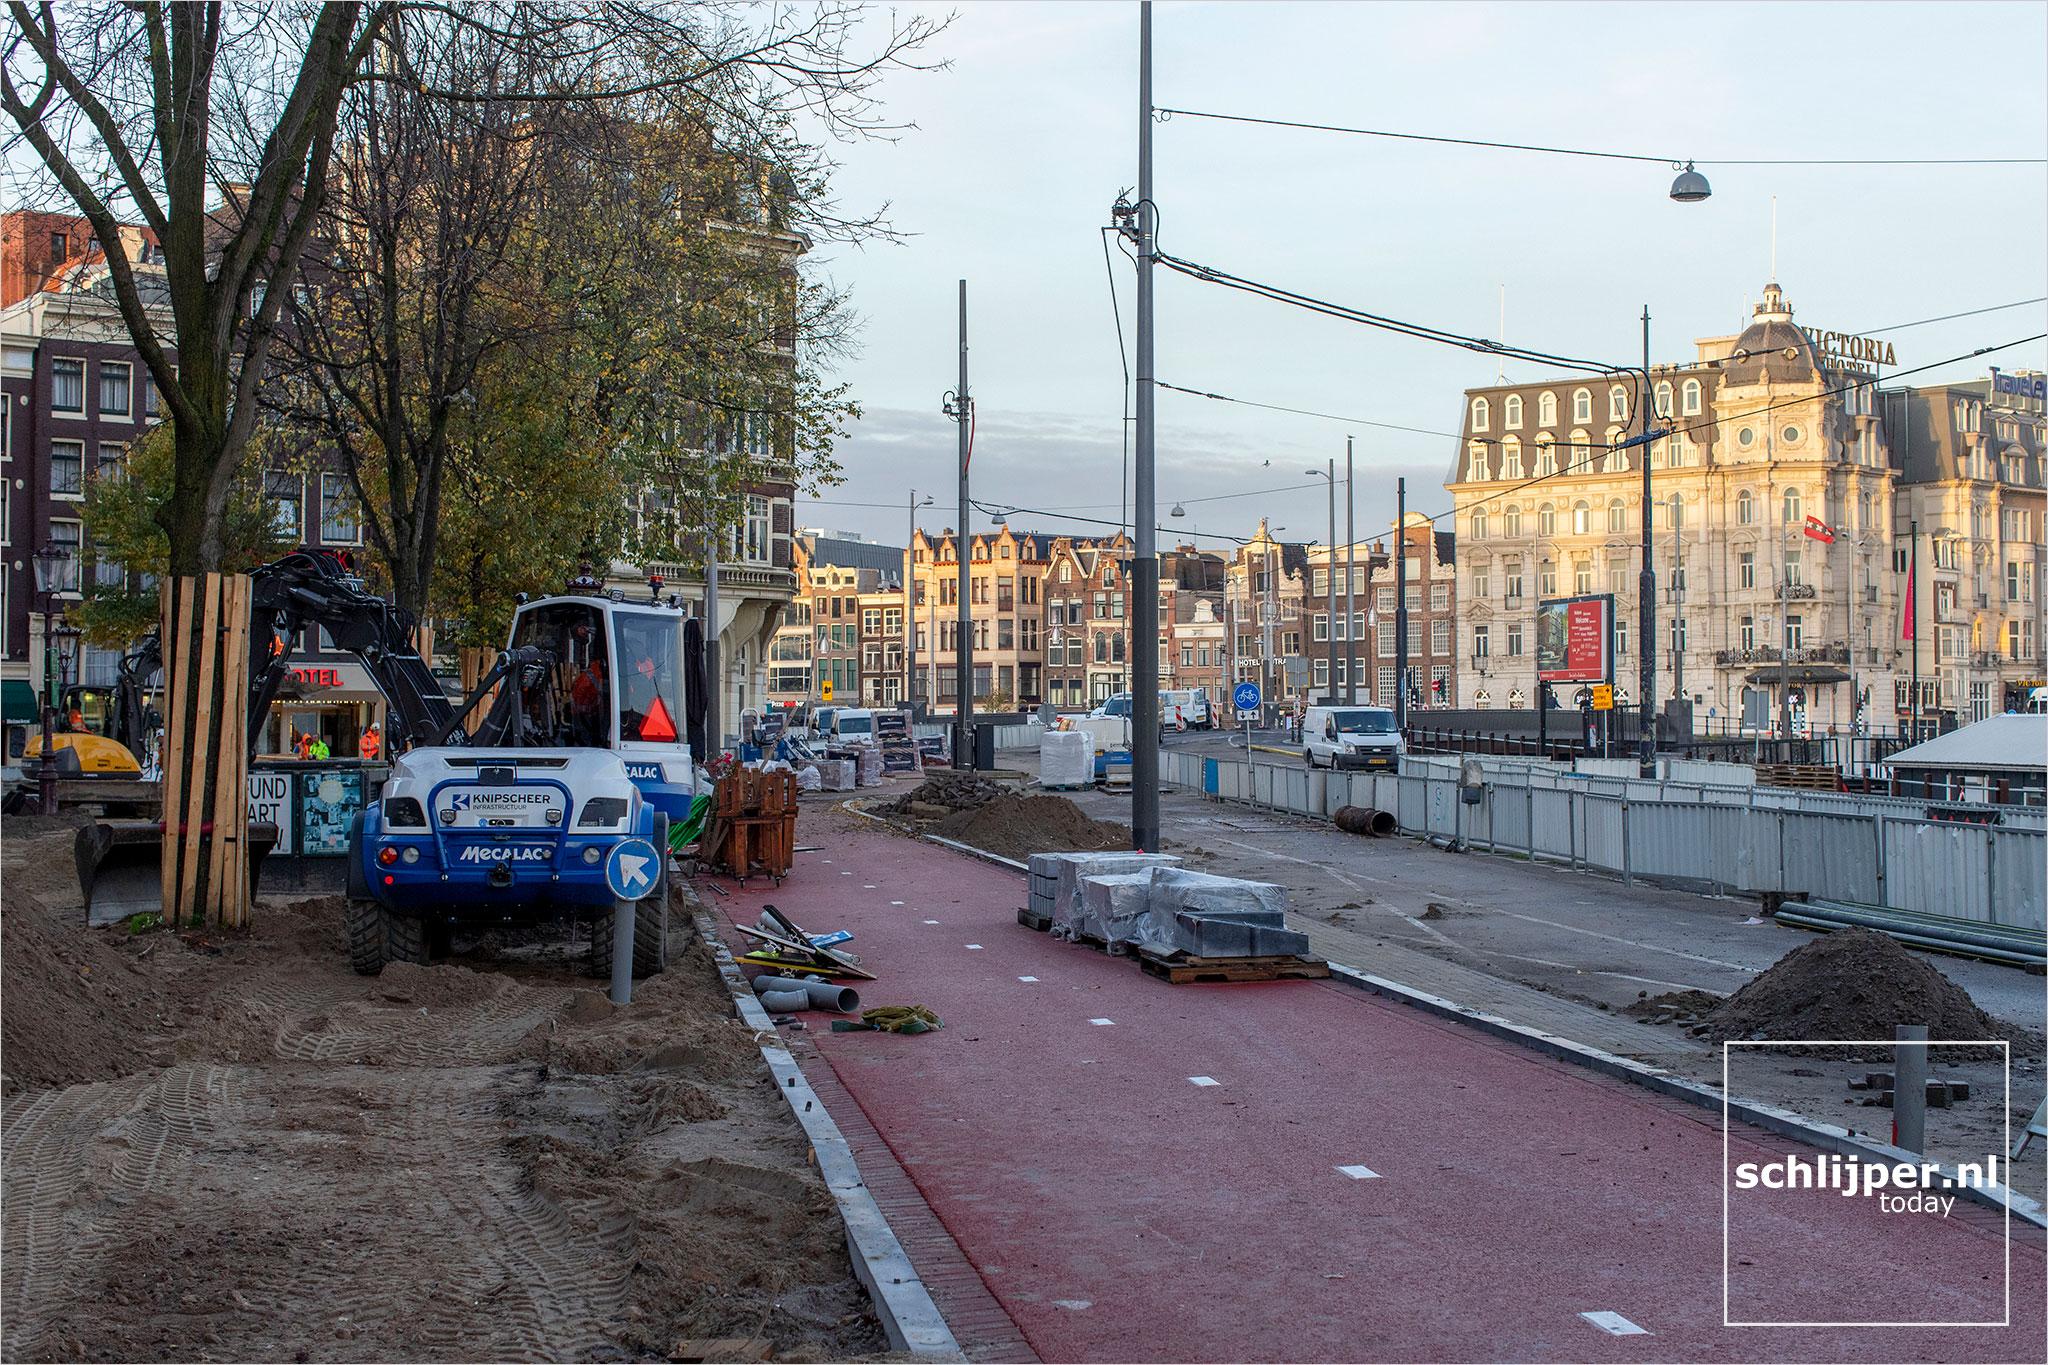 Nederland, Amsterdam, 13 november 2020